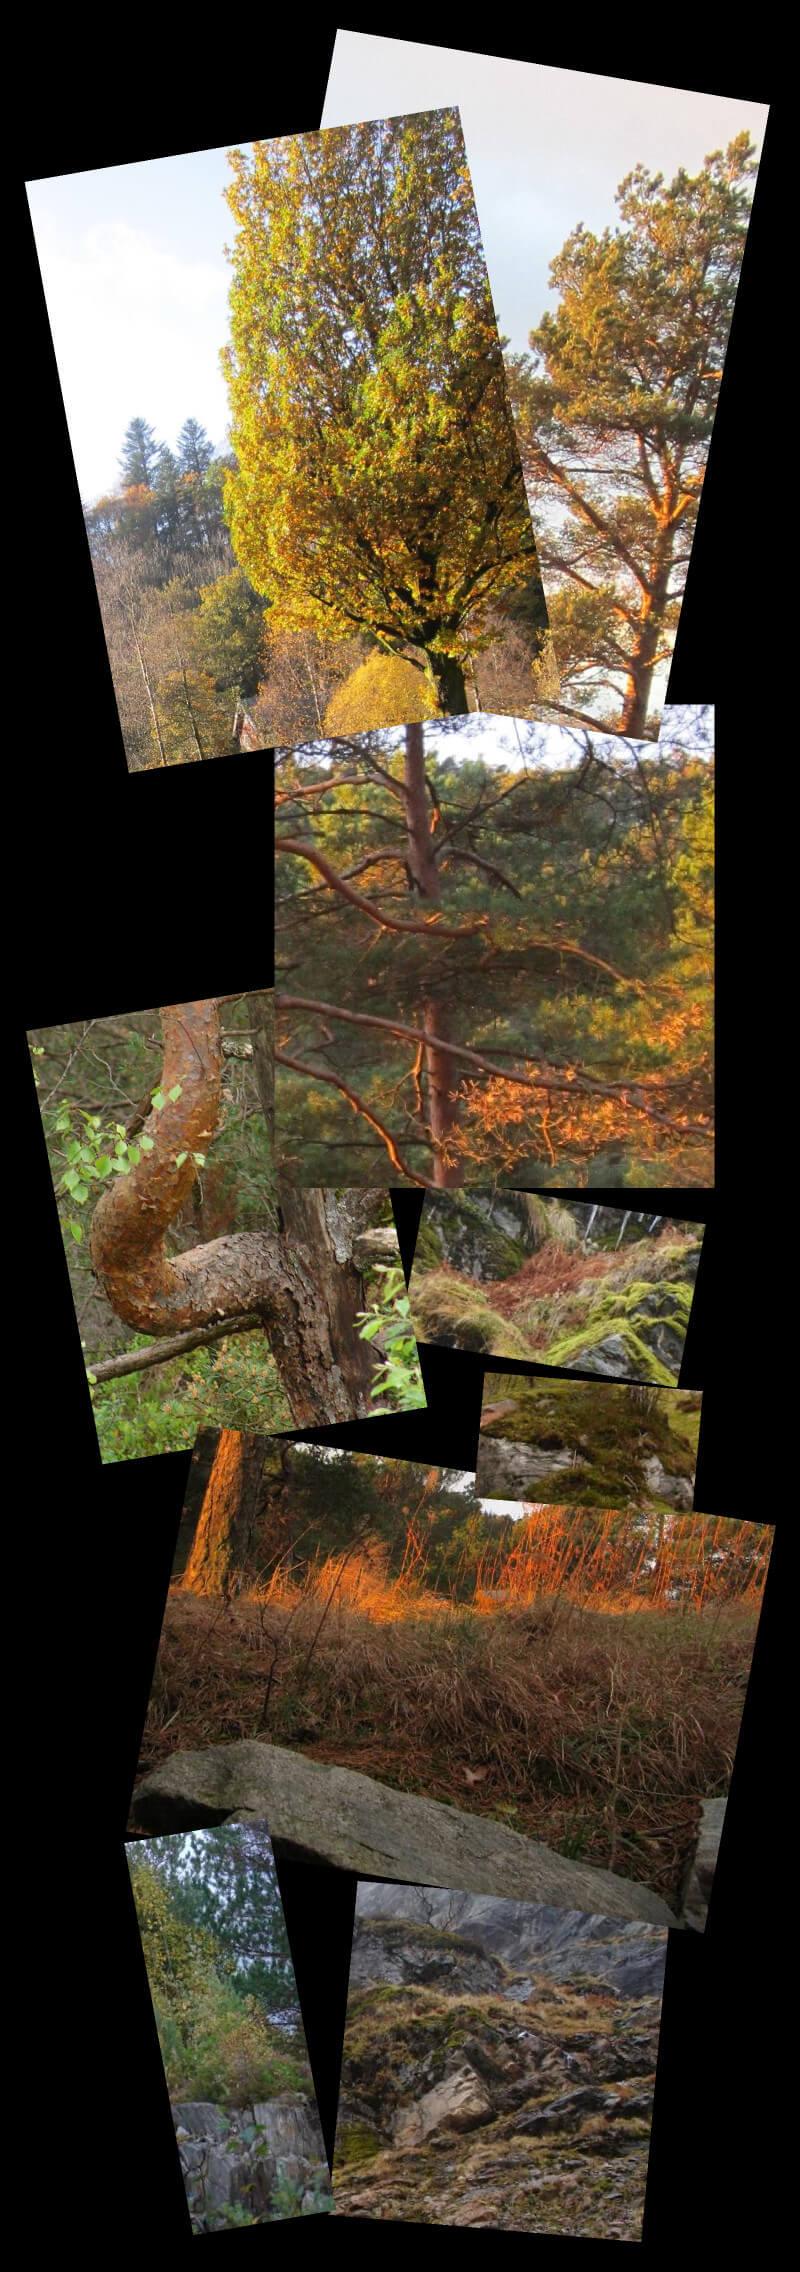 Norwegian tree, grasses, rocks, moutains, sky